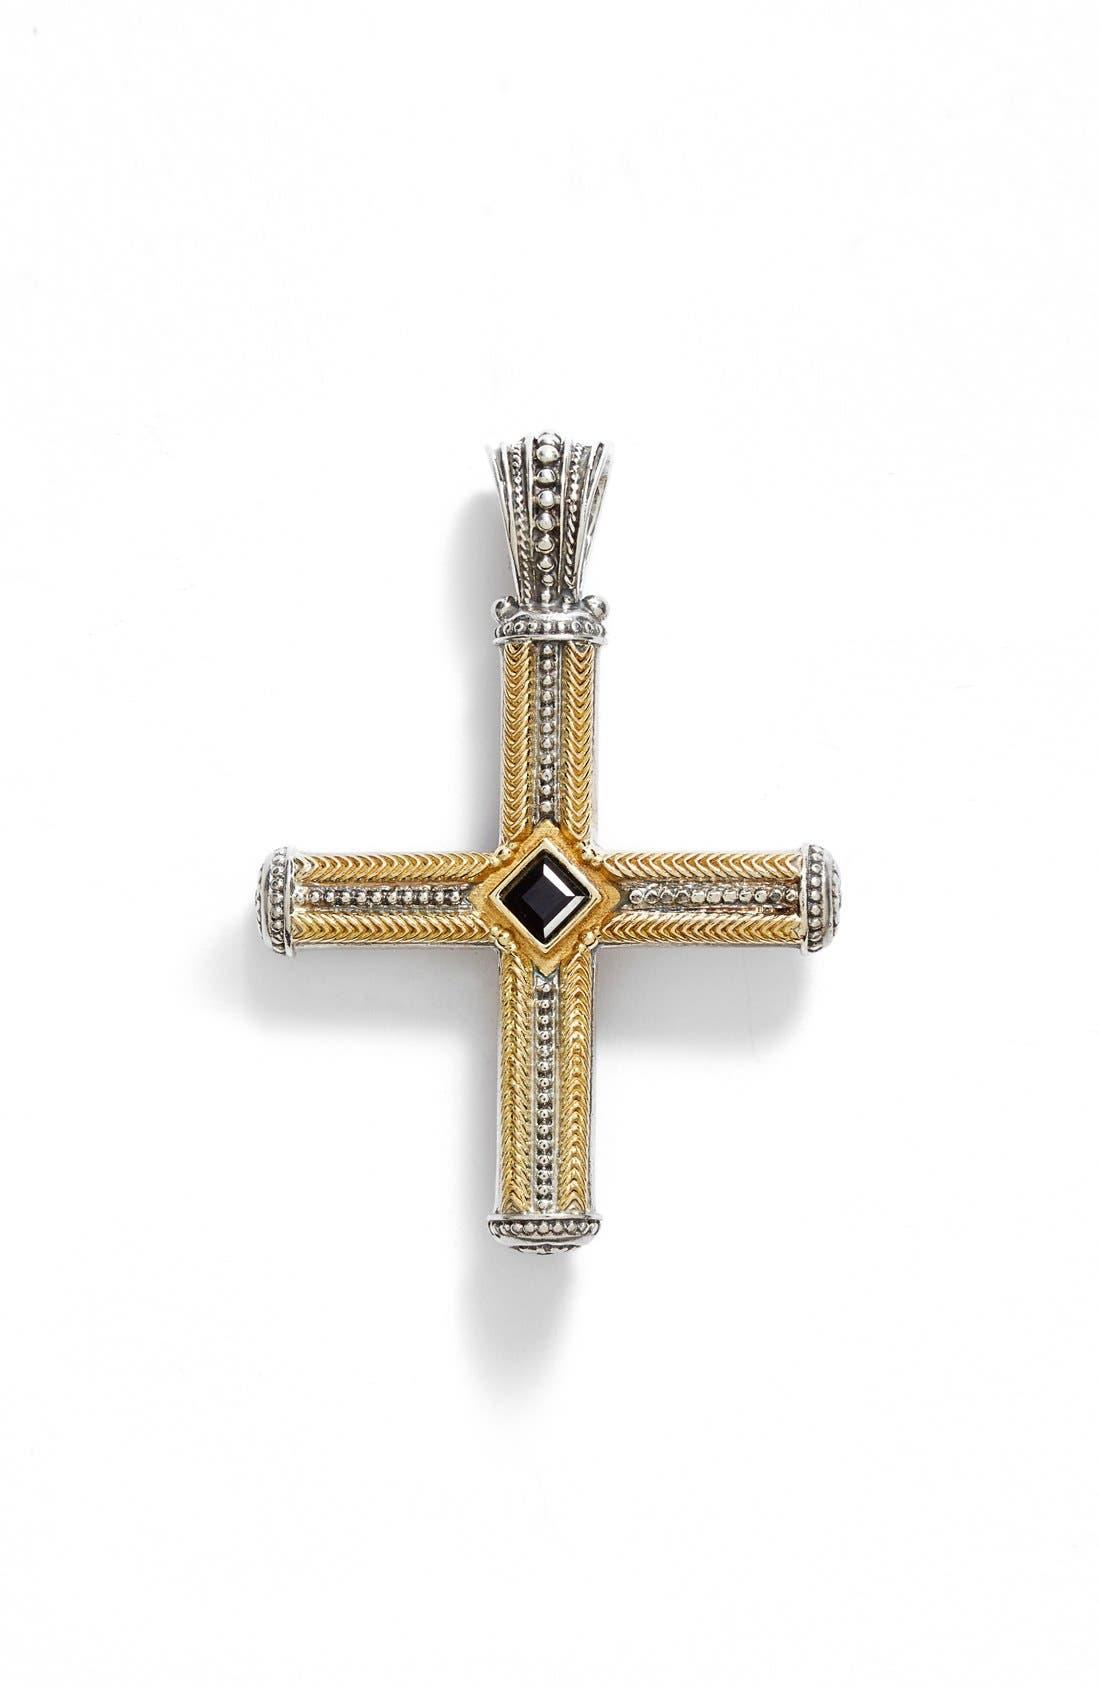 Alternate Image 1 Selected - Konstantino 'Orpheus' Semiprecious Stone Cross Pendant